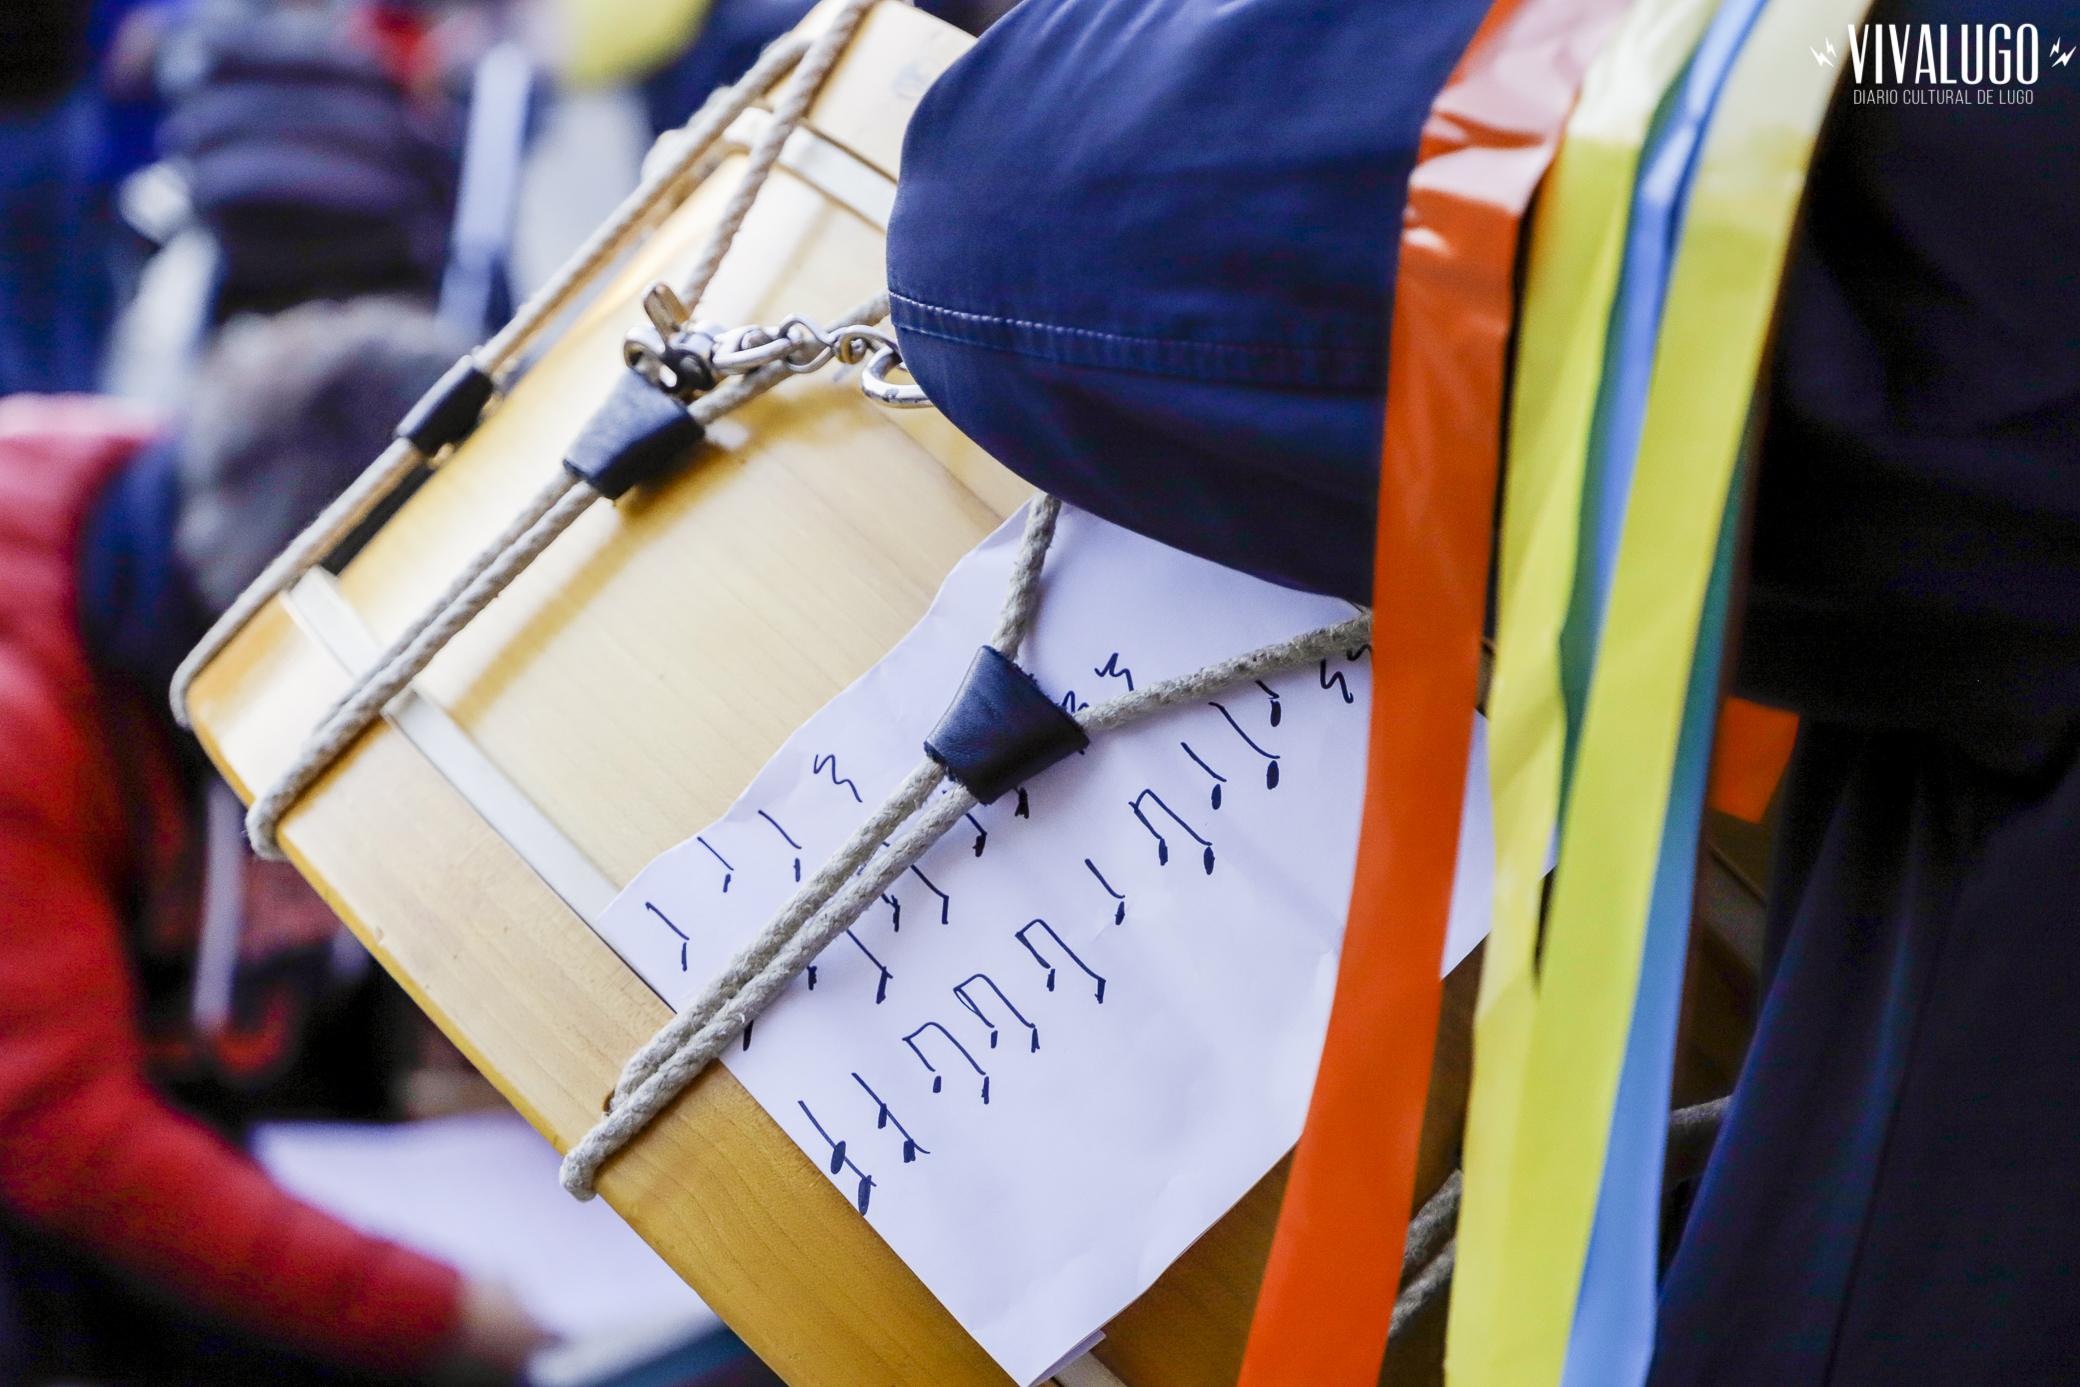 Concurso de disfraces do entroido 2020 en Lugo